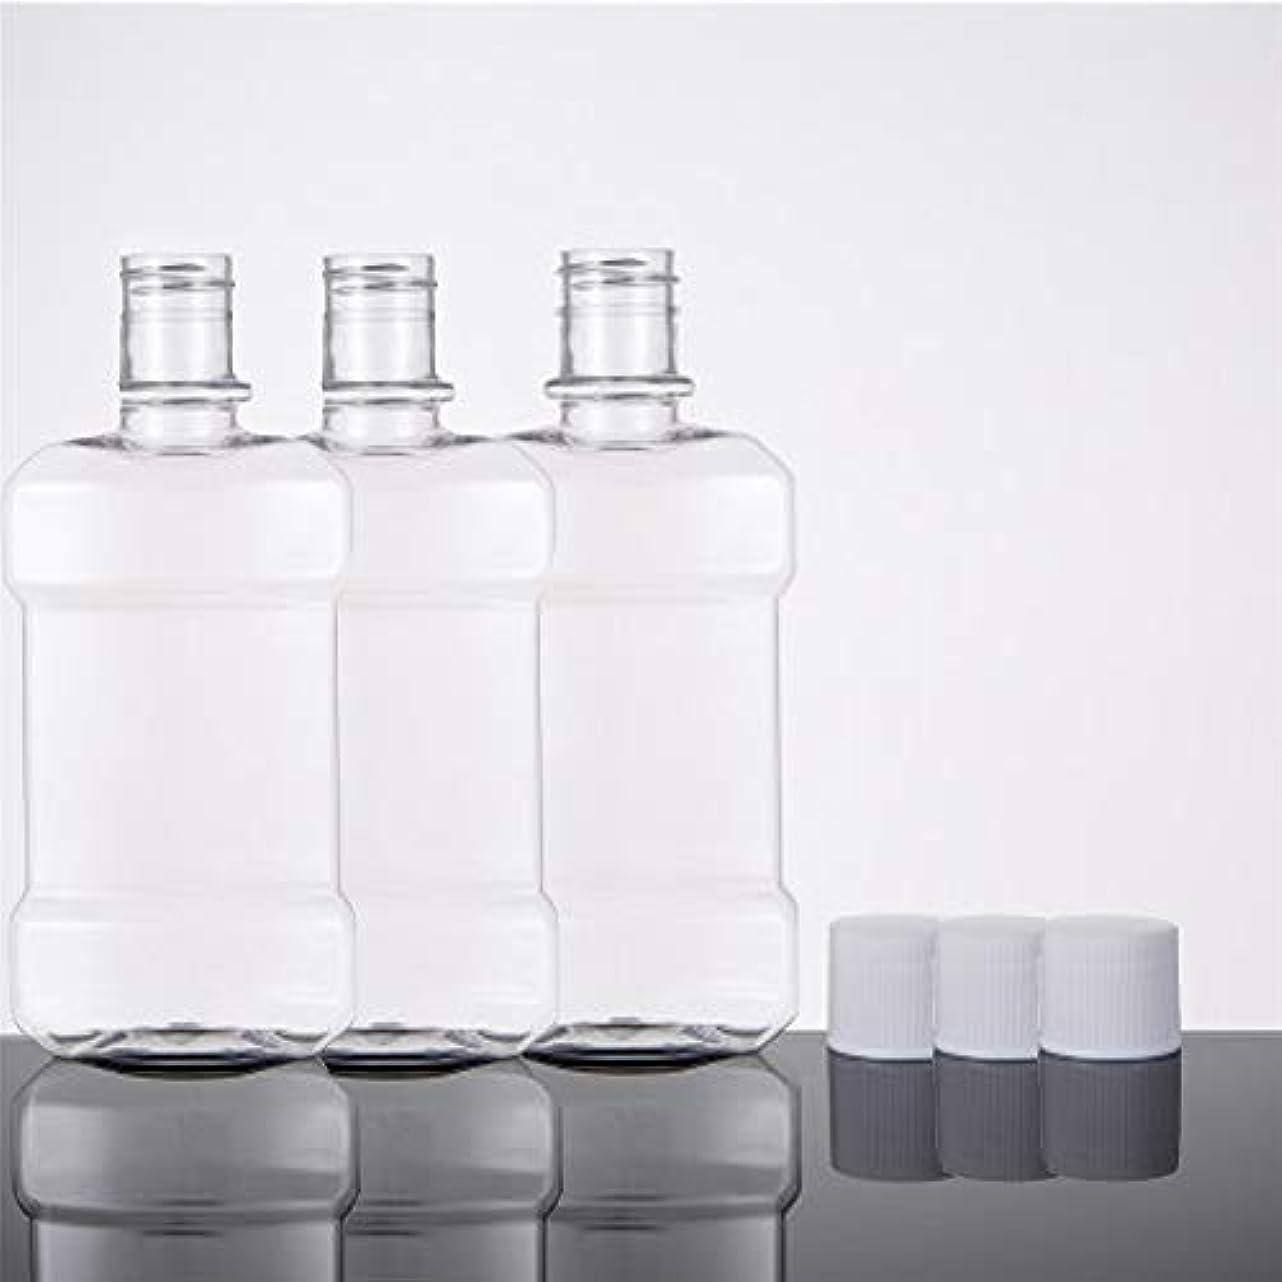 インポート印刷する散文SHKI マウスウォッシュ専用詰め替えボトル 250ml*3個 空ボトル 3個セット 持ち運び便利